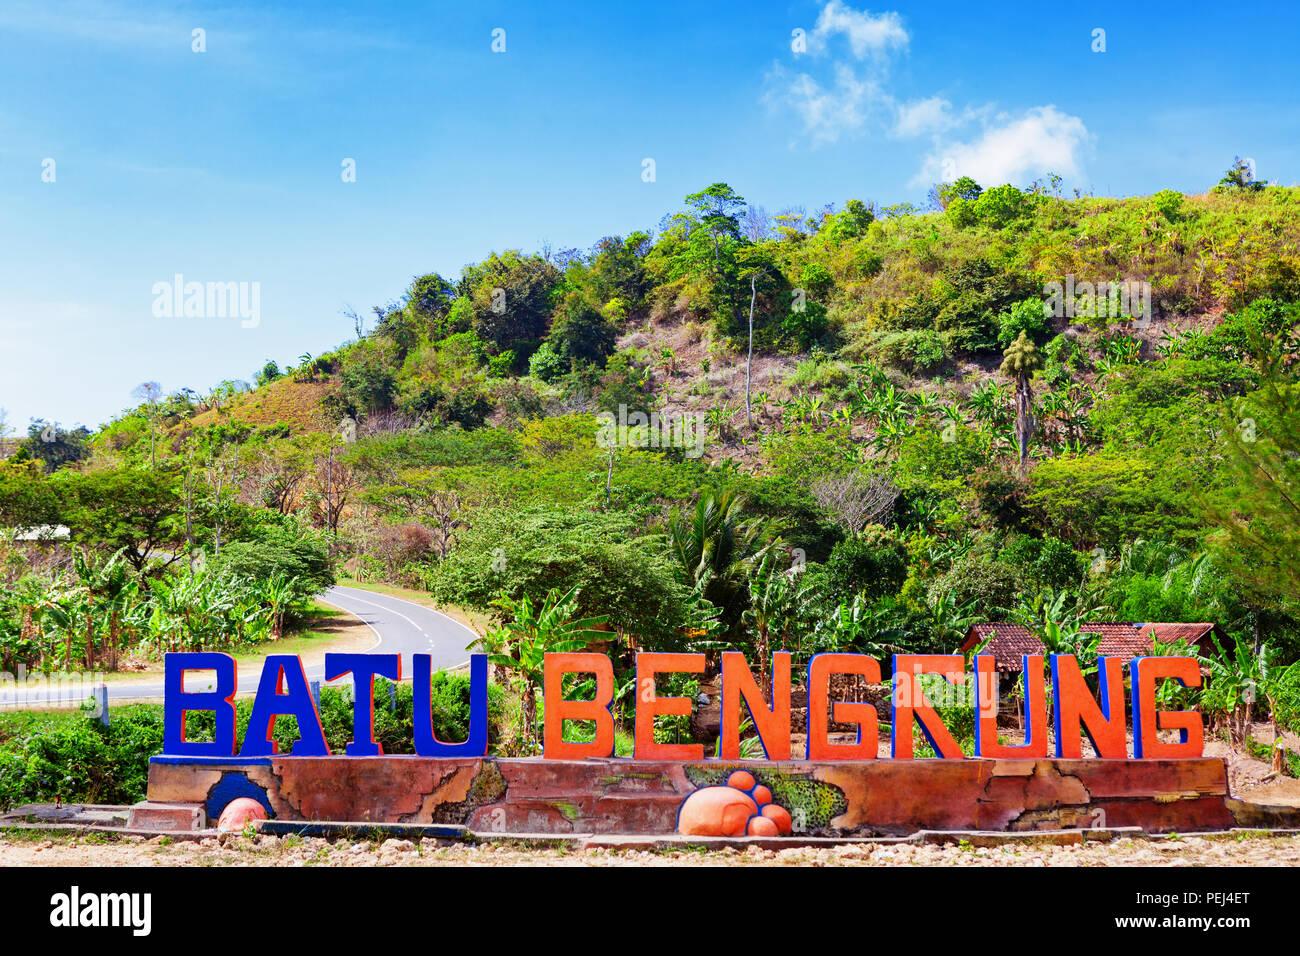 Java oriental, Indonesia - Julio 10, 2018: Pantai Batu Bengkung mar playa y entrada al parque recreativo letrero. Popular lugar de visita para la familia holi Imagen De Stock